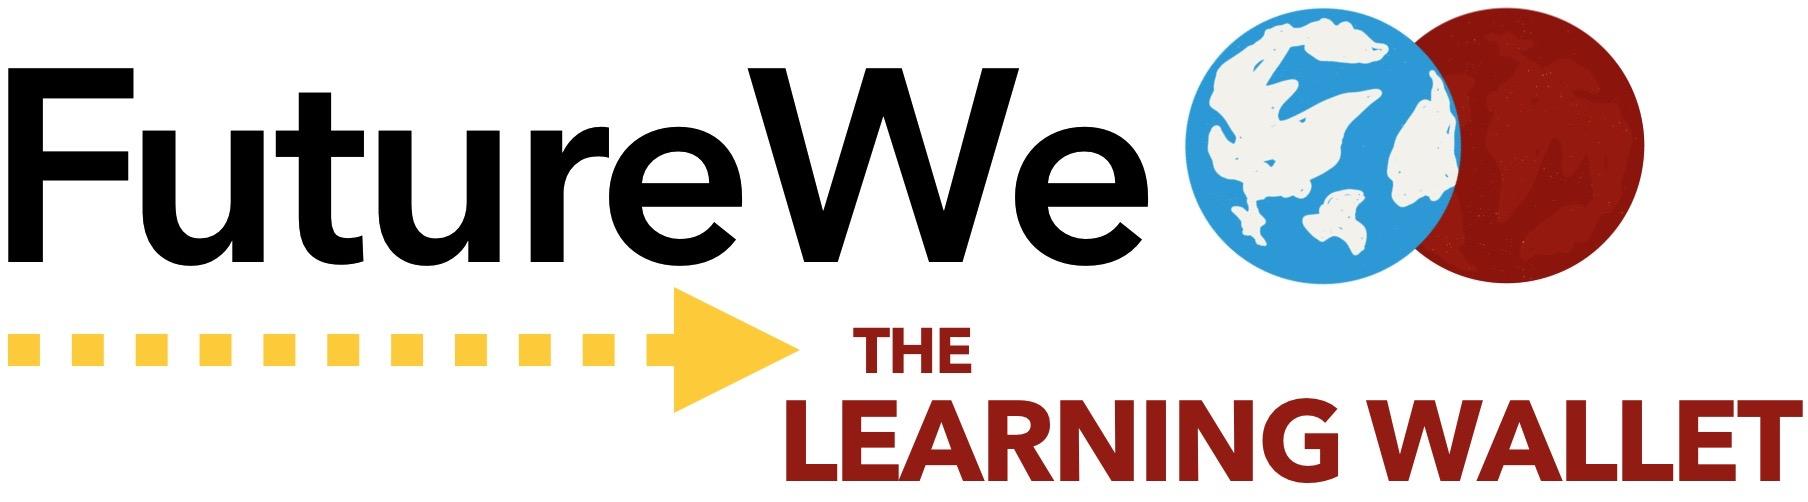 Futurewe logo learning wallet.jpg